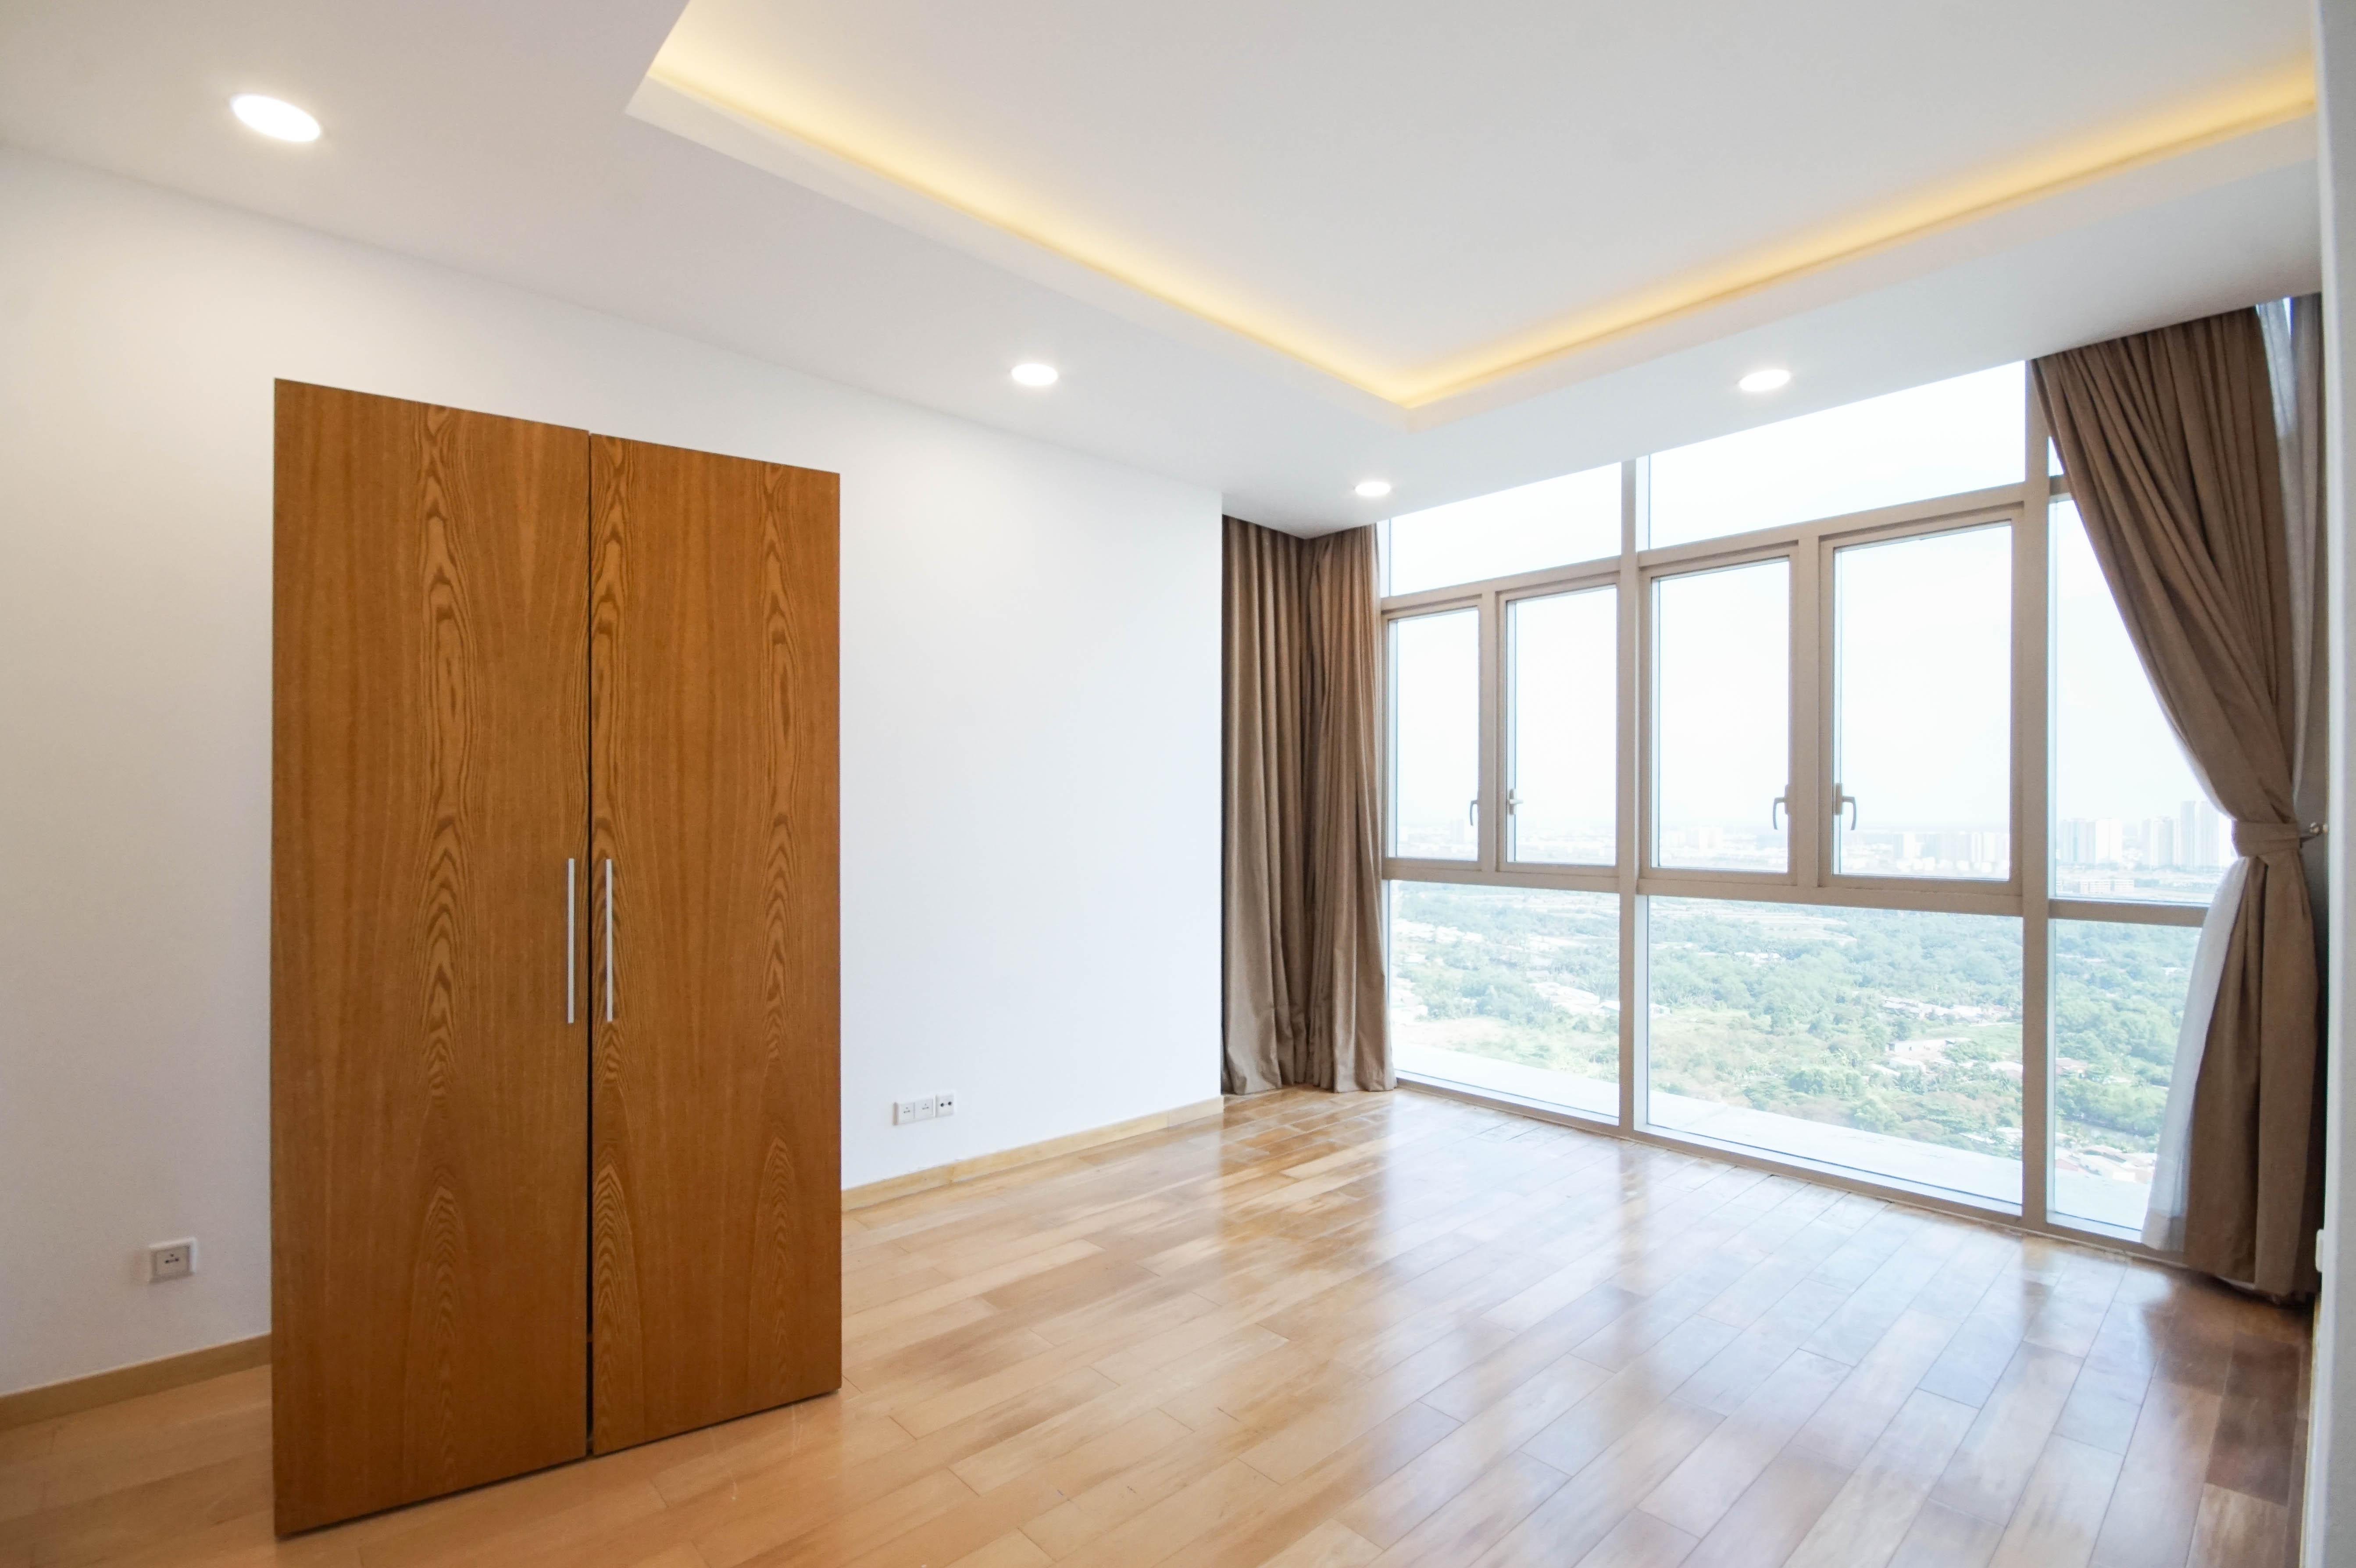 Căn hộ 4 PN The Vista - Đầy Đủ Nội Thất - Căn Penthouse Cực Đẹp Và Tràn Ngập Ánh Sáng-11